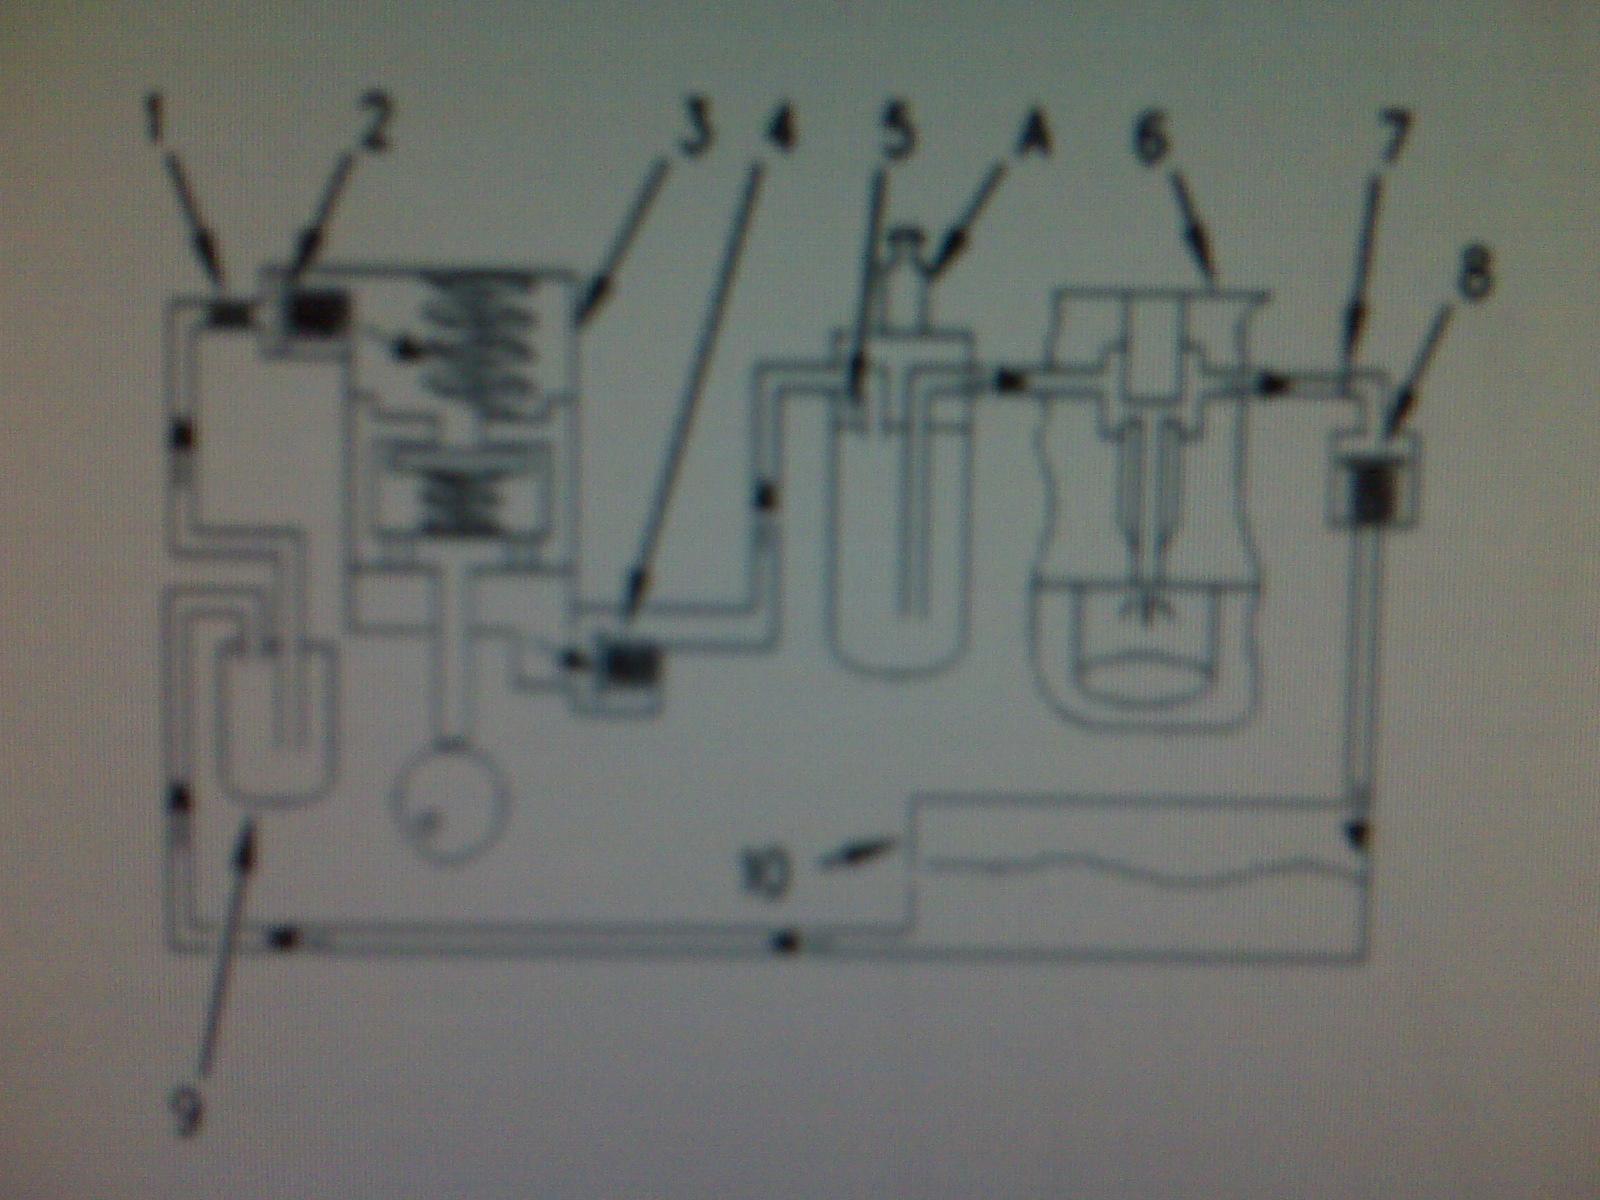 Navistar Engine Diagram - Wiring Diagram Update on